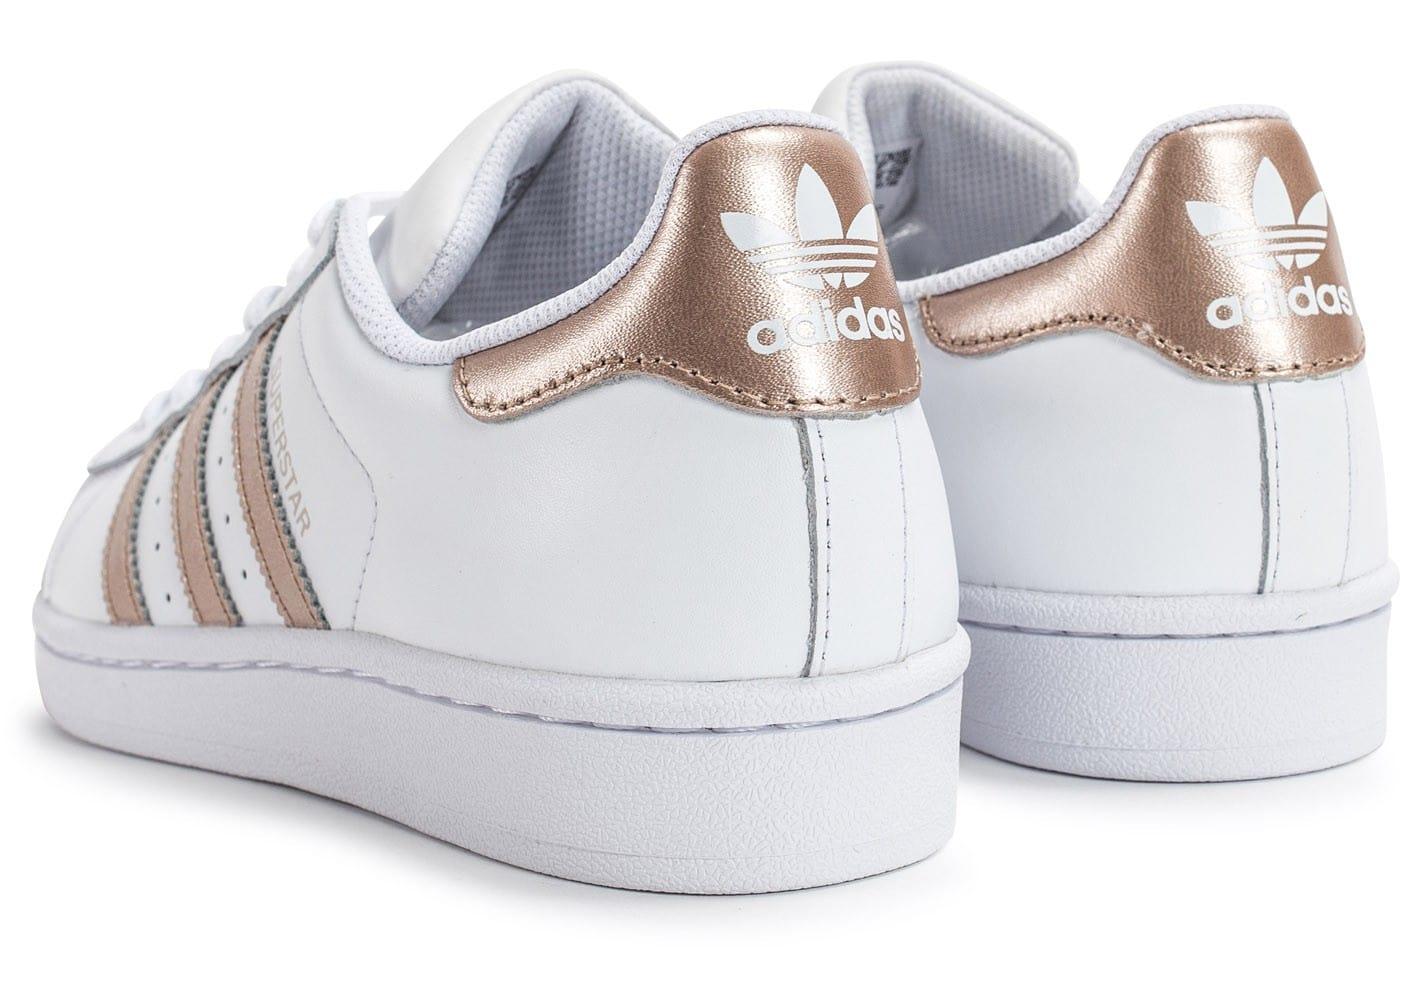 chaussures de sport 37038 a3074 basket adidas femme rose gold